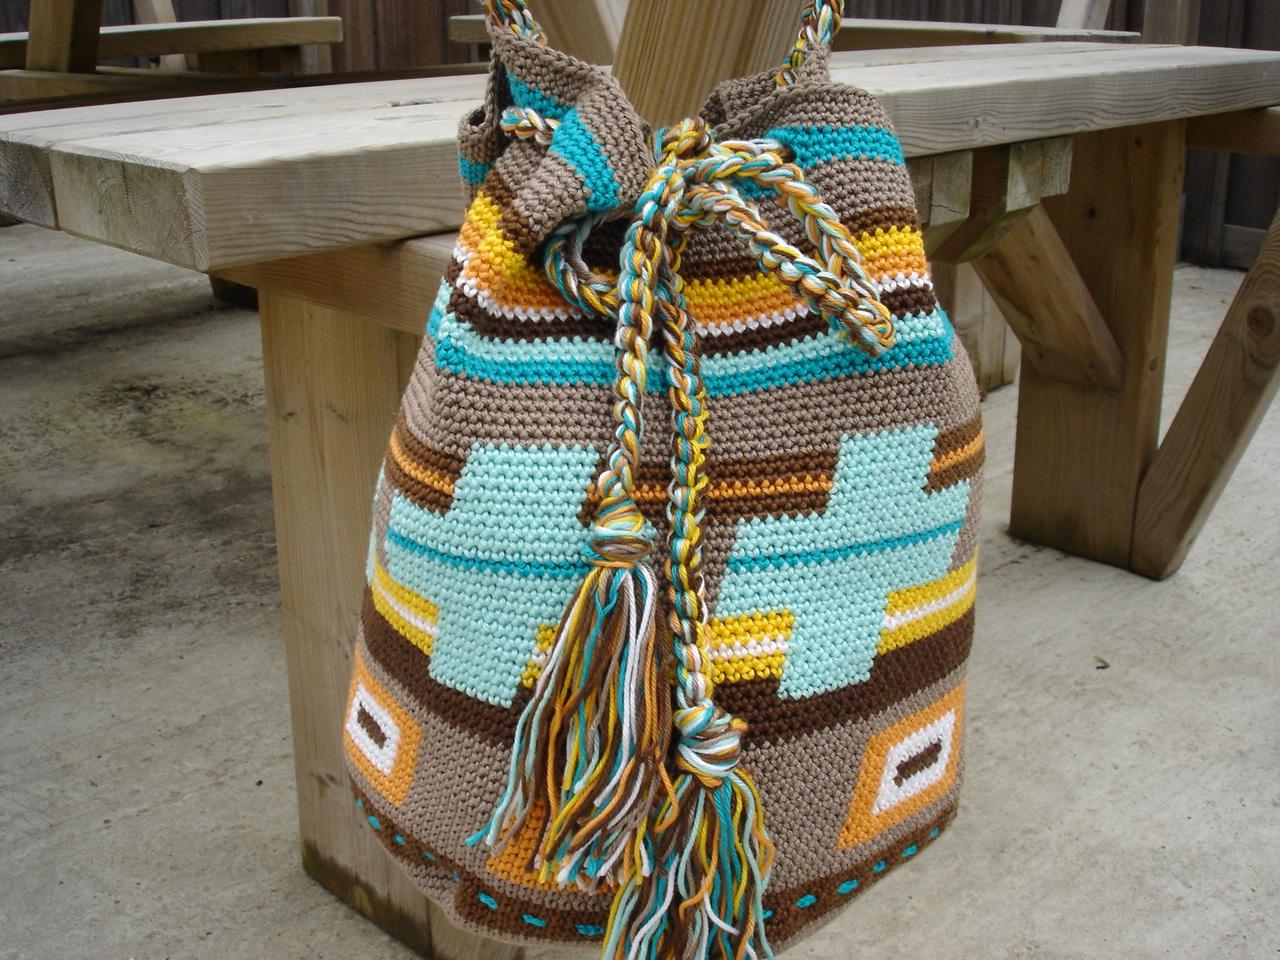 Tassen Patroon : Made by mg gratis haakpatroon van de tasssen